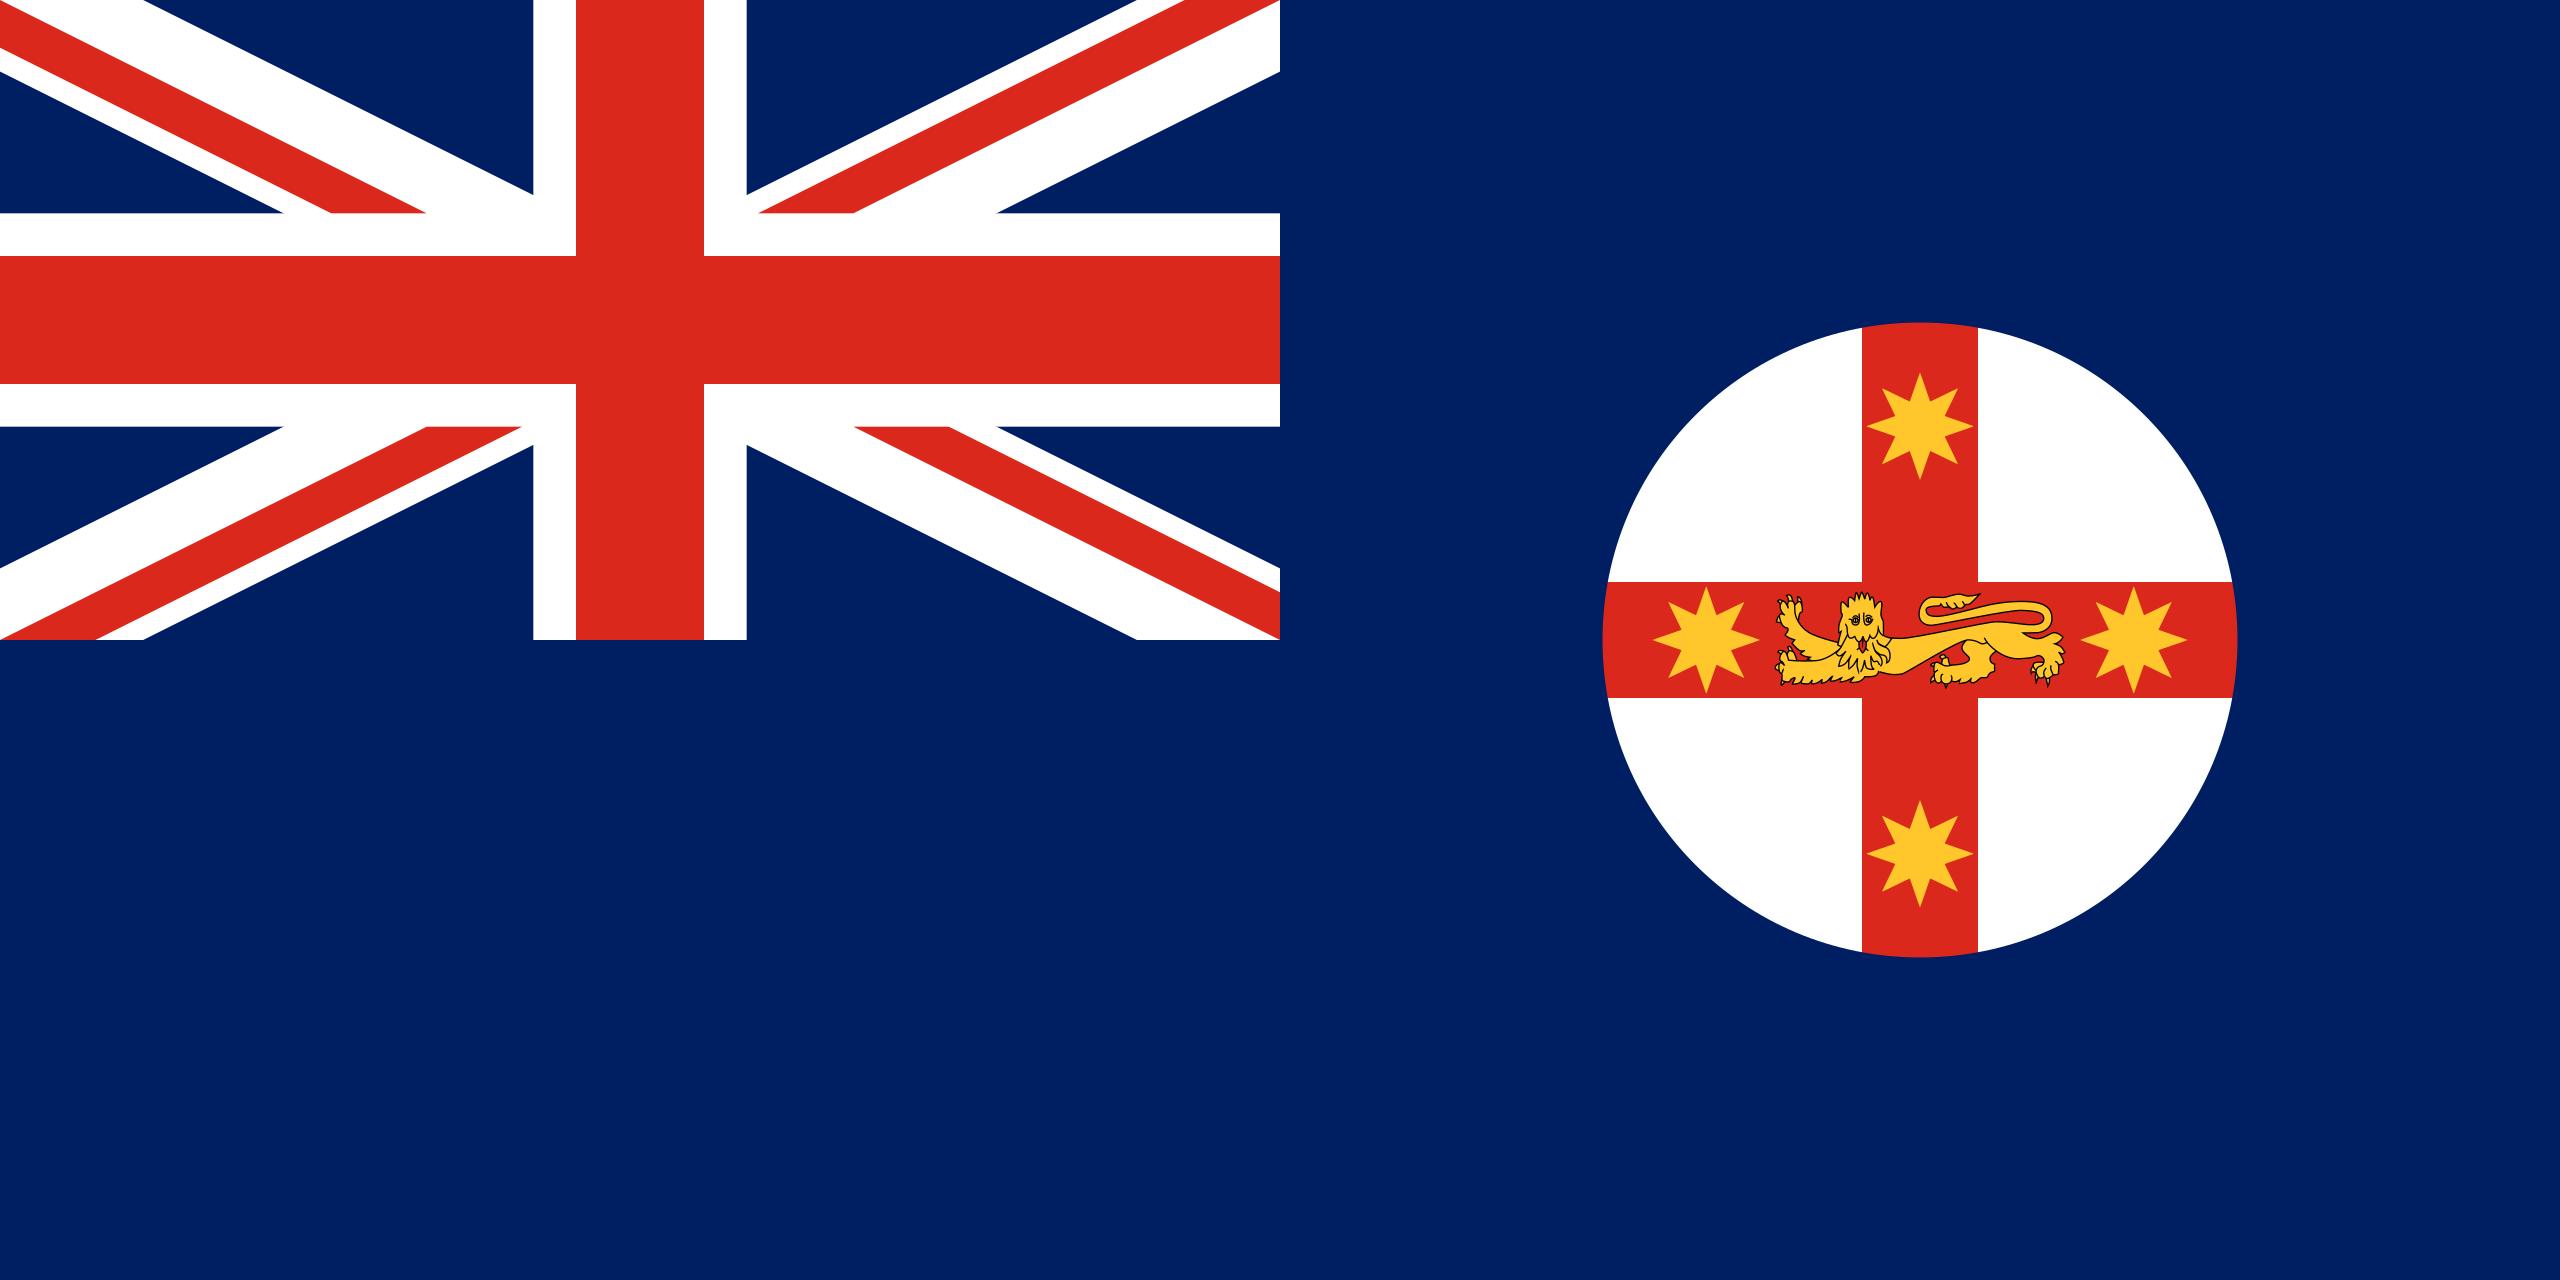 ニューサウスウェルズ州 (NSW)